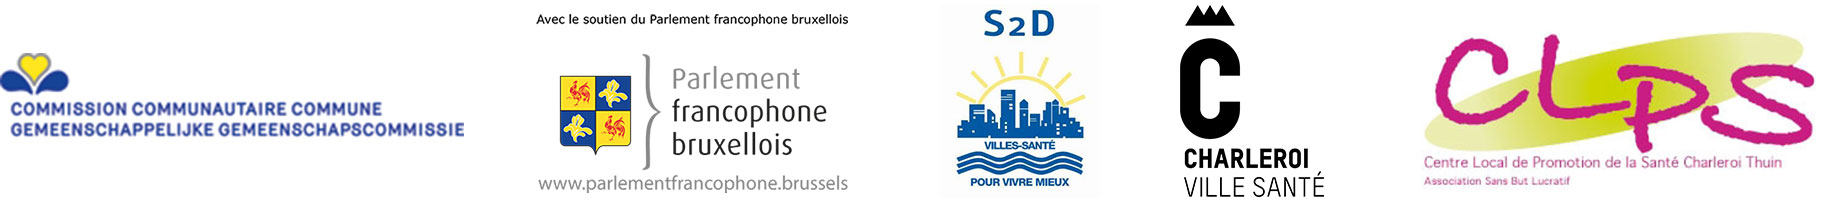 Collaboration des séminaires de Bruxelles et Charleroi pour SACOPAR